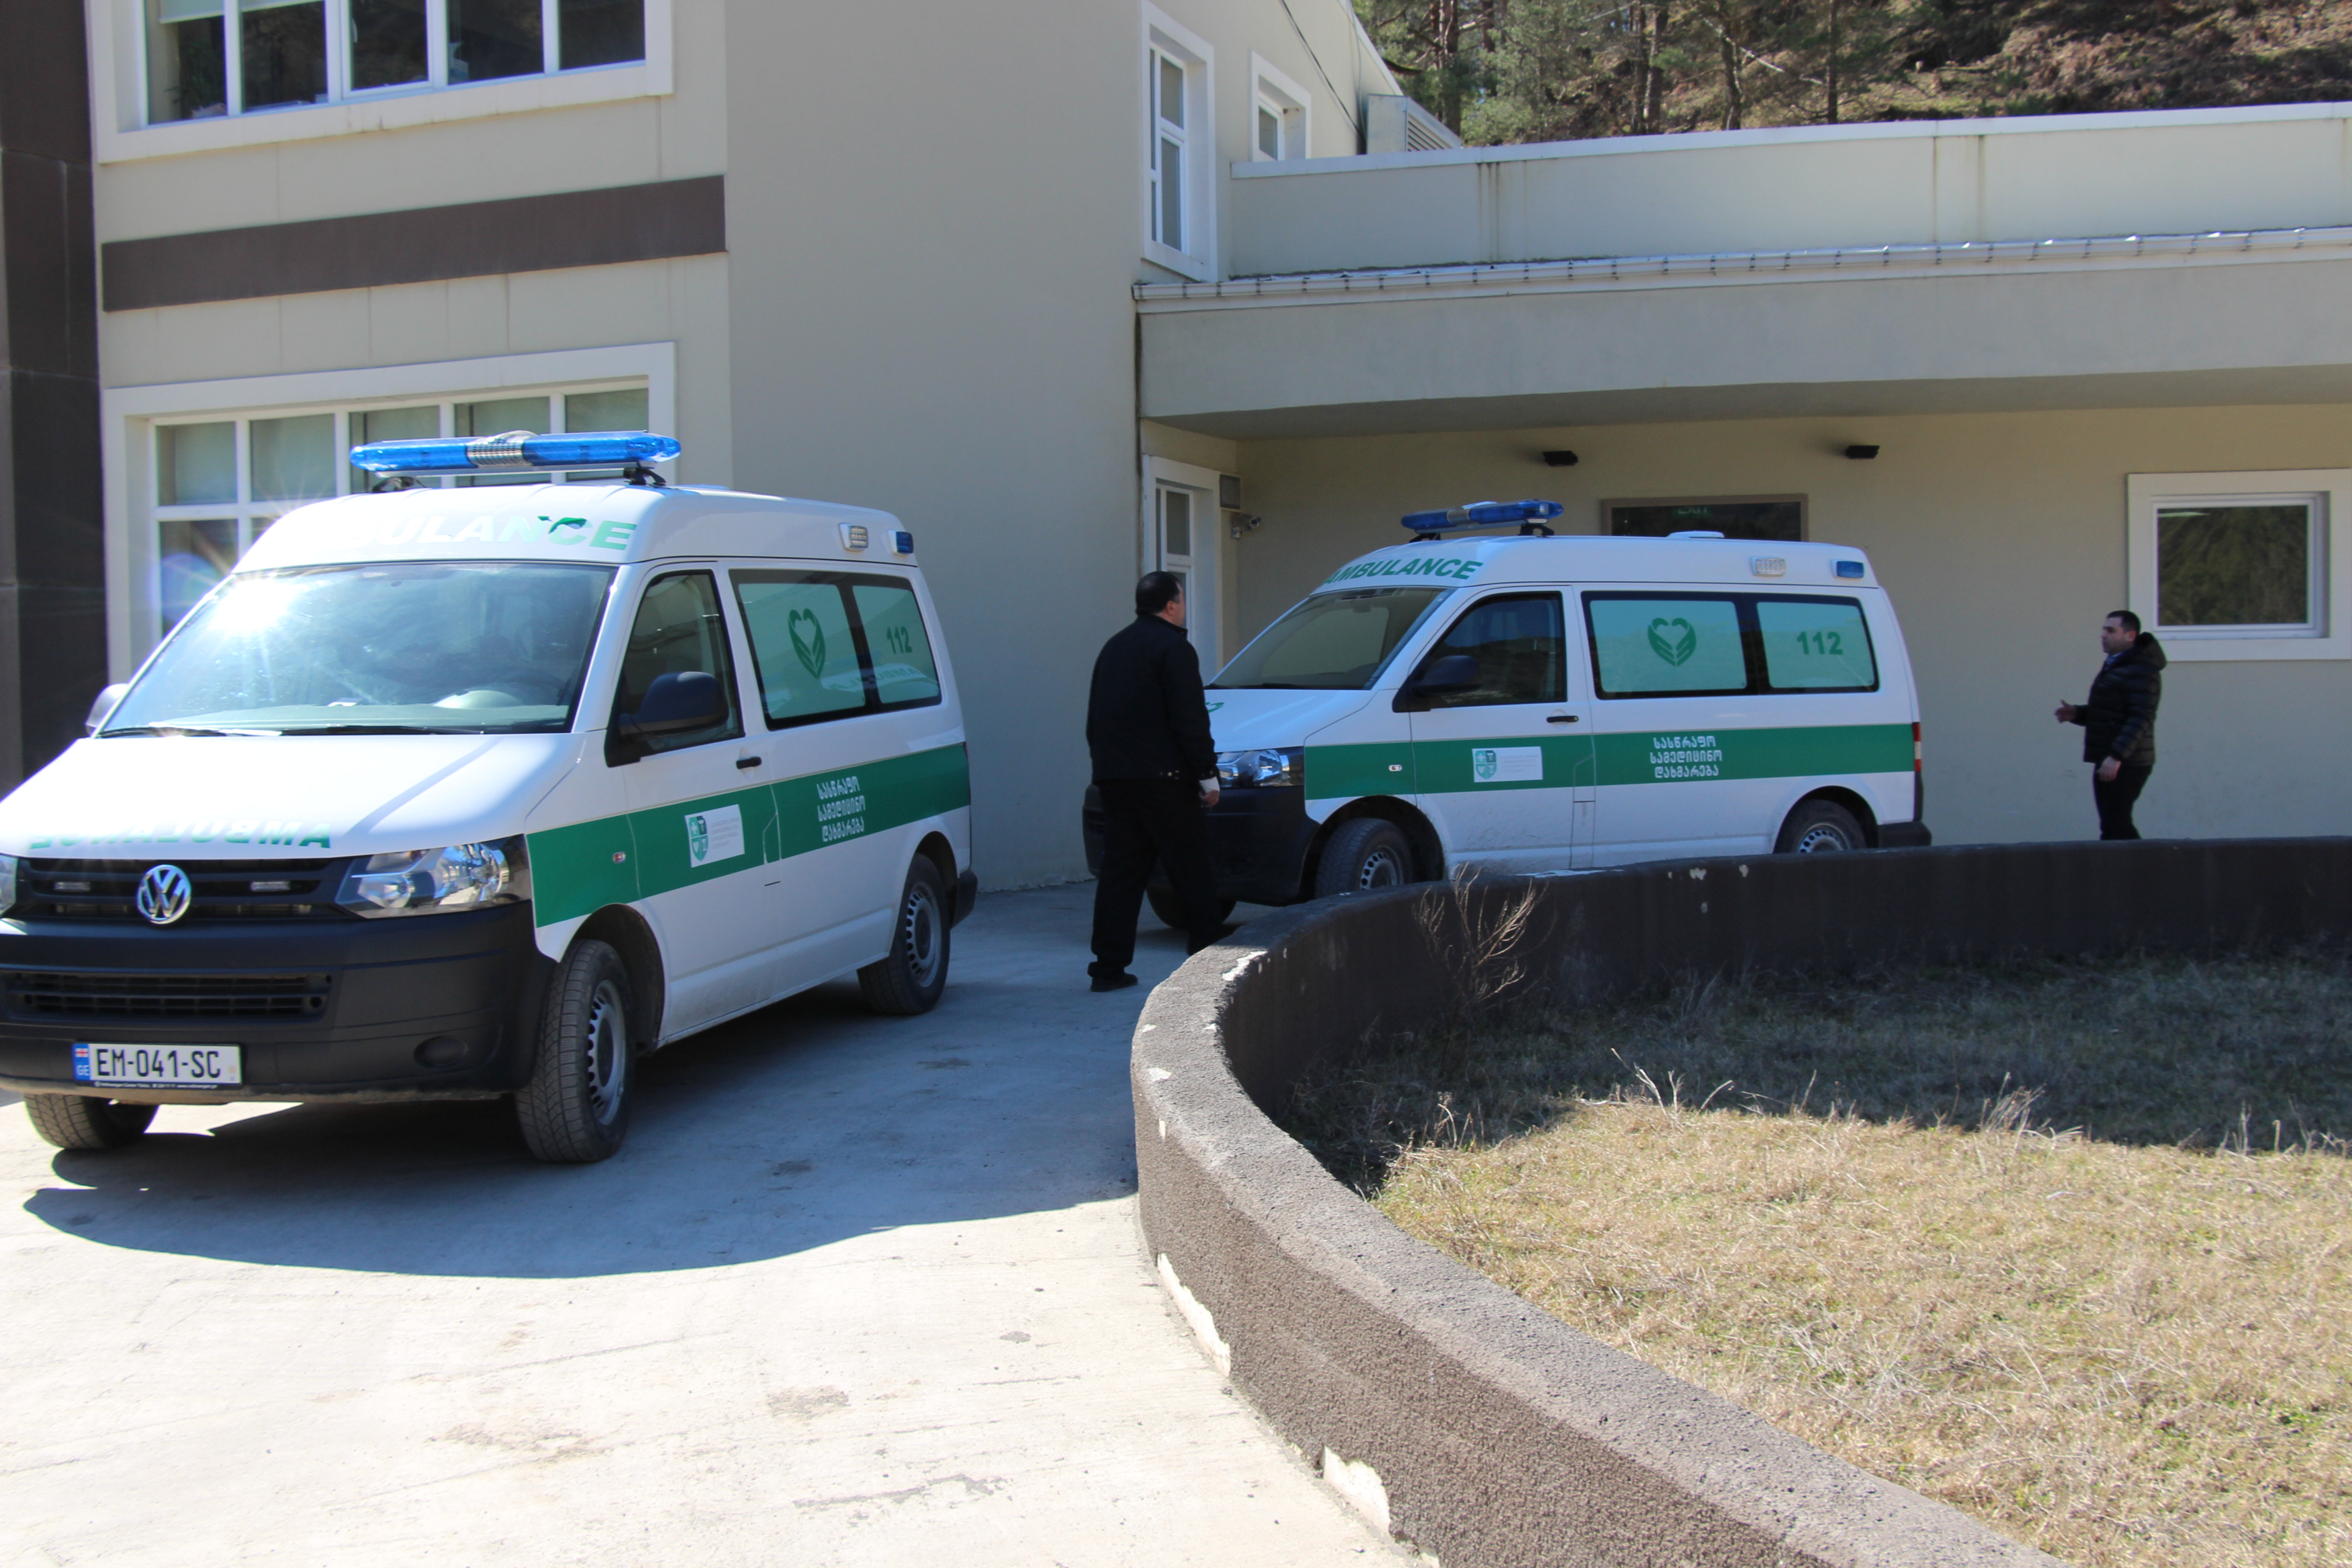 შეხვედრები მაღალმთიანი აჭარის სასწრაფო სამედიცინო დახმარების ცენტრებში